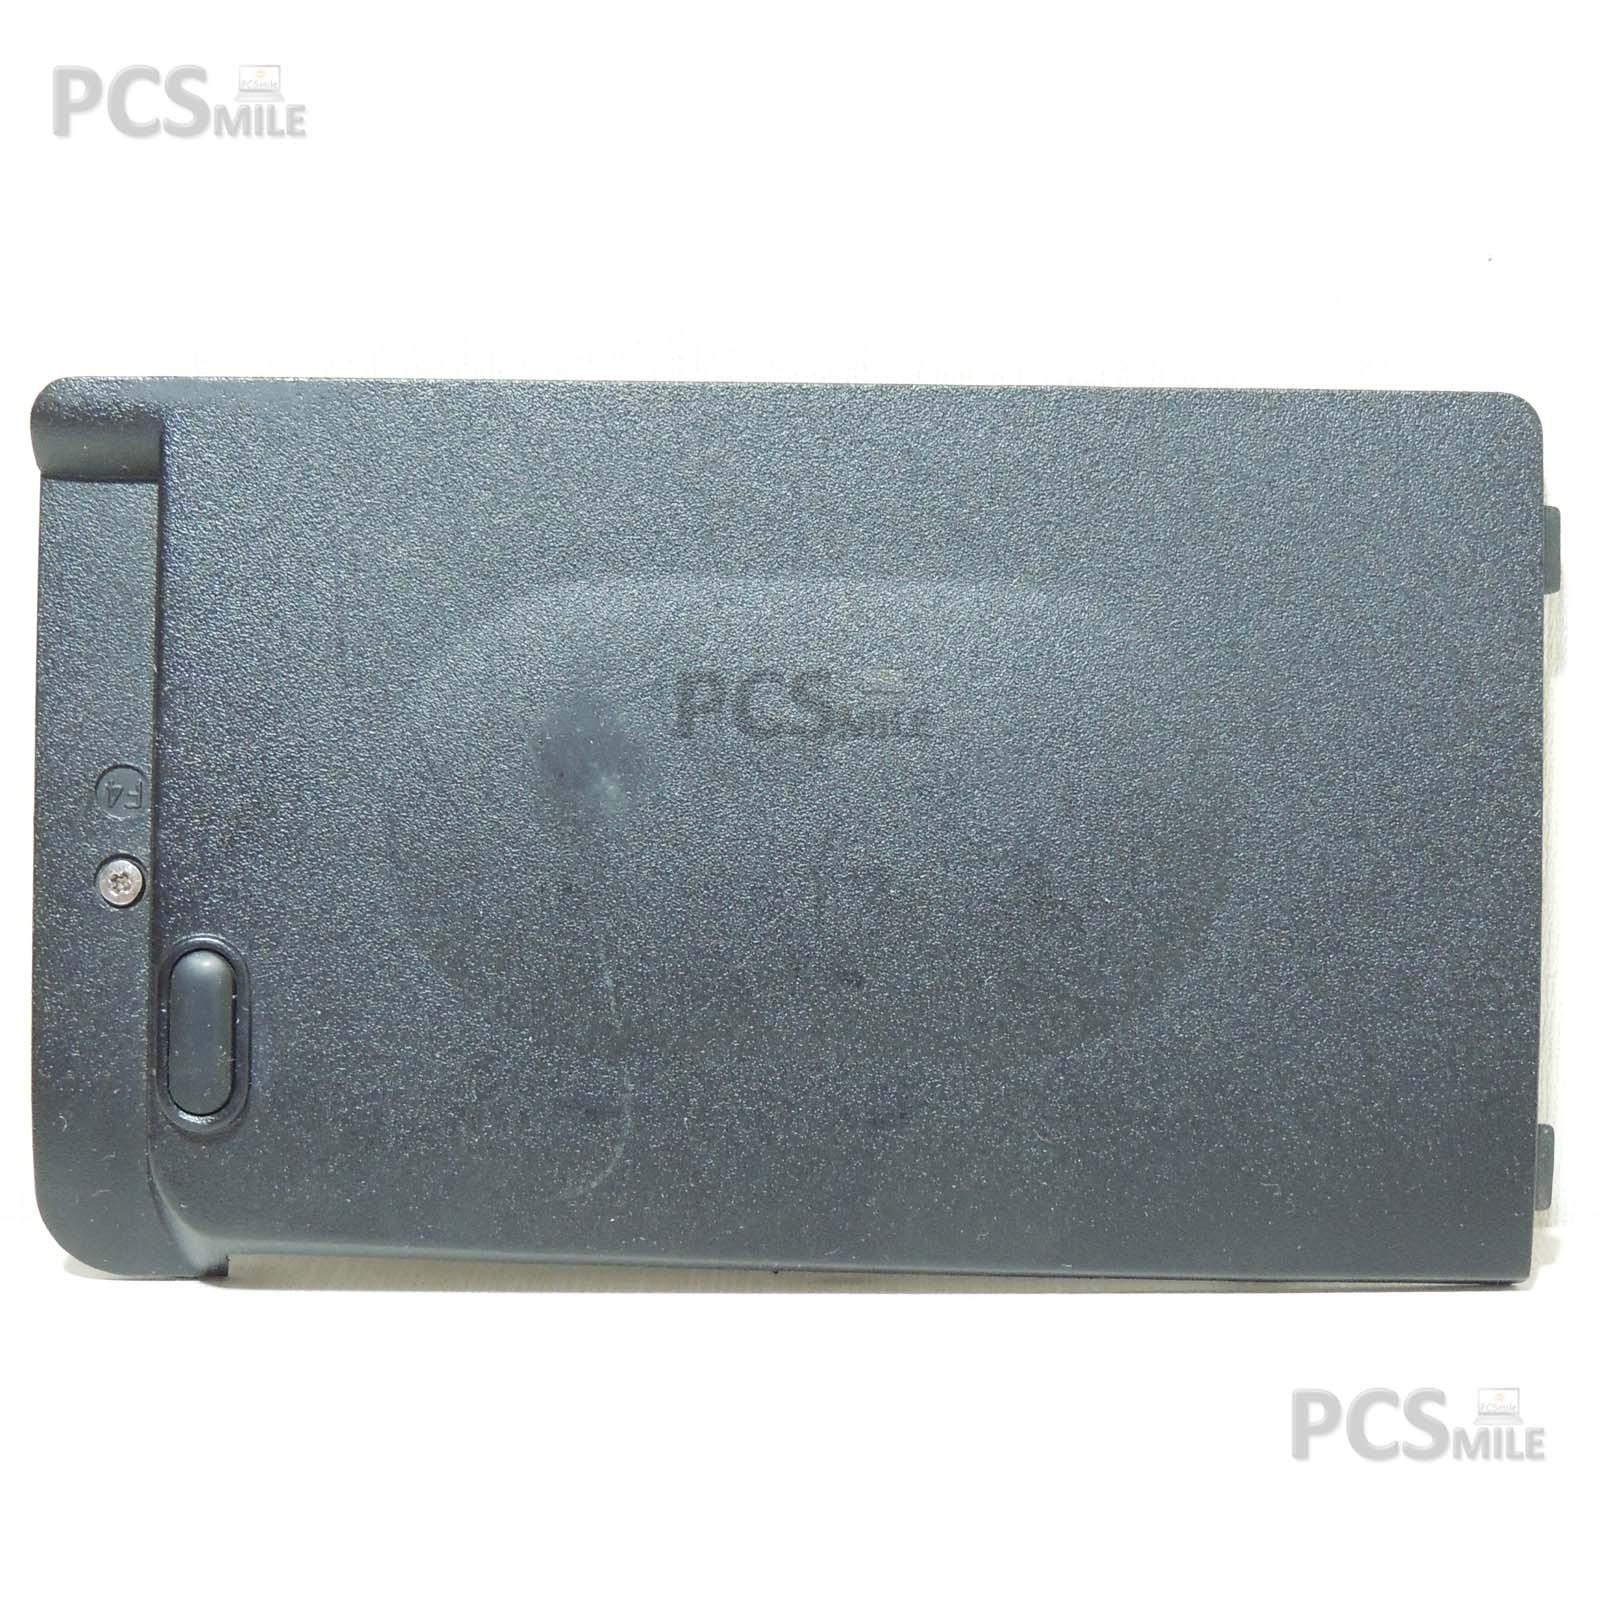 Sportellino Hard disk Coperchio HD 1 Toshiba Satellite A300 B0248401H1008813A